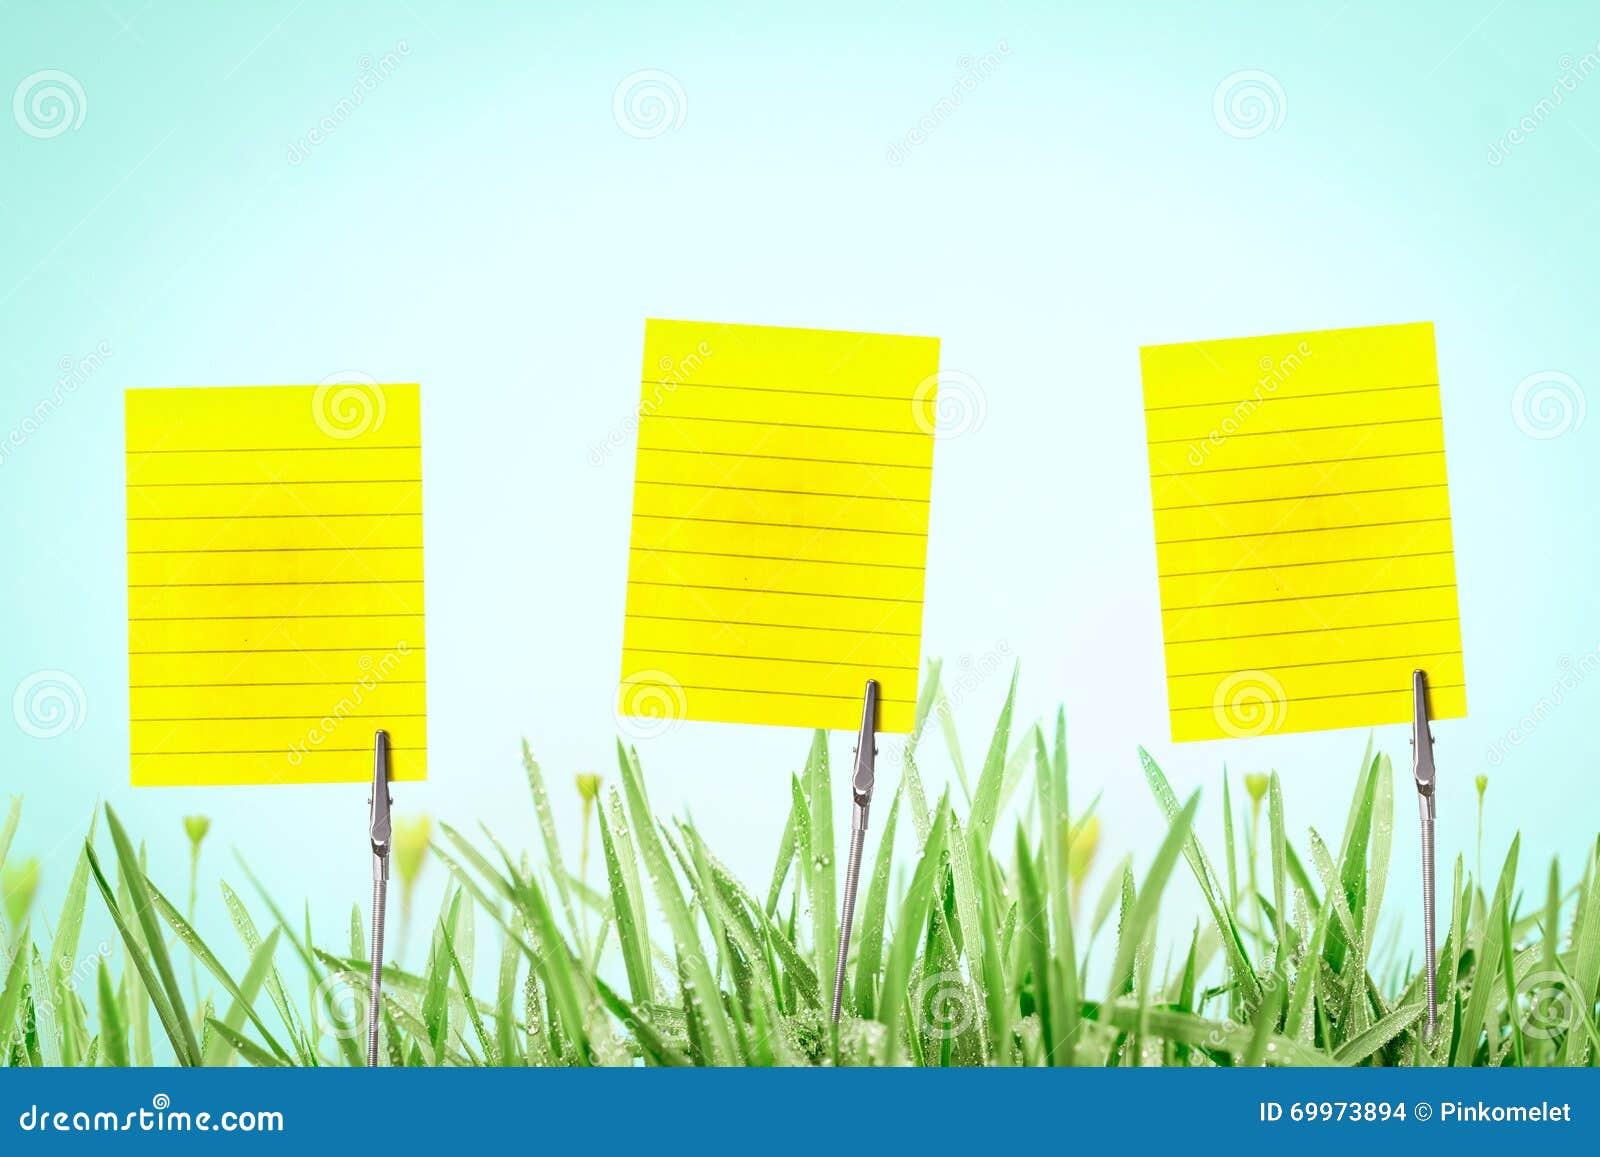 Le Support Argente De Carte Visite Professionnelle Sur L Herbe Verte Fraiche Avec